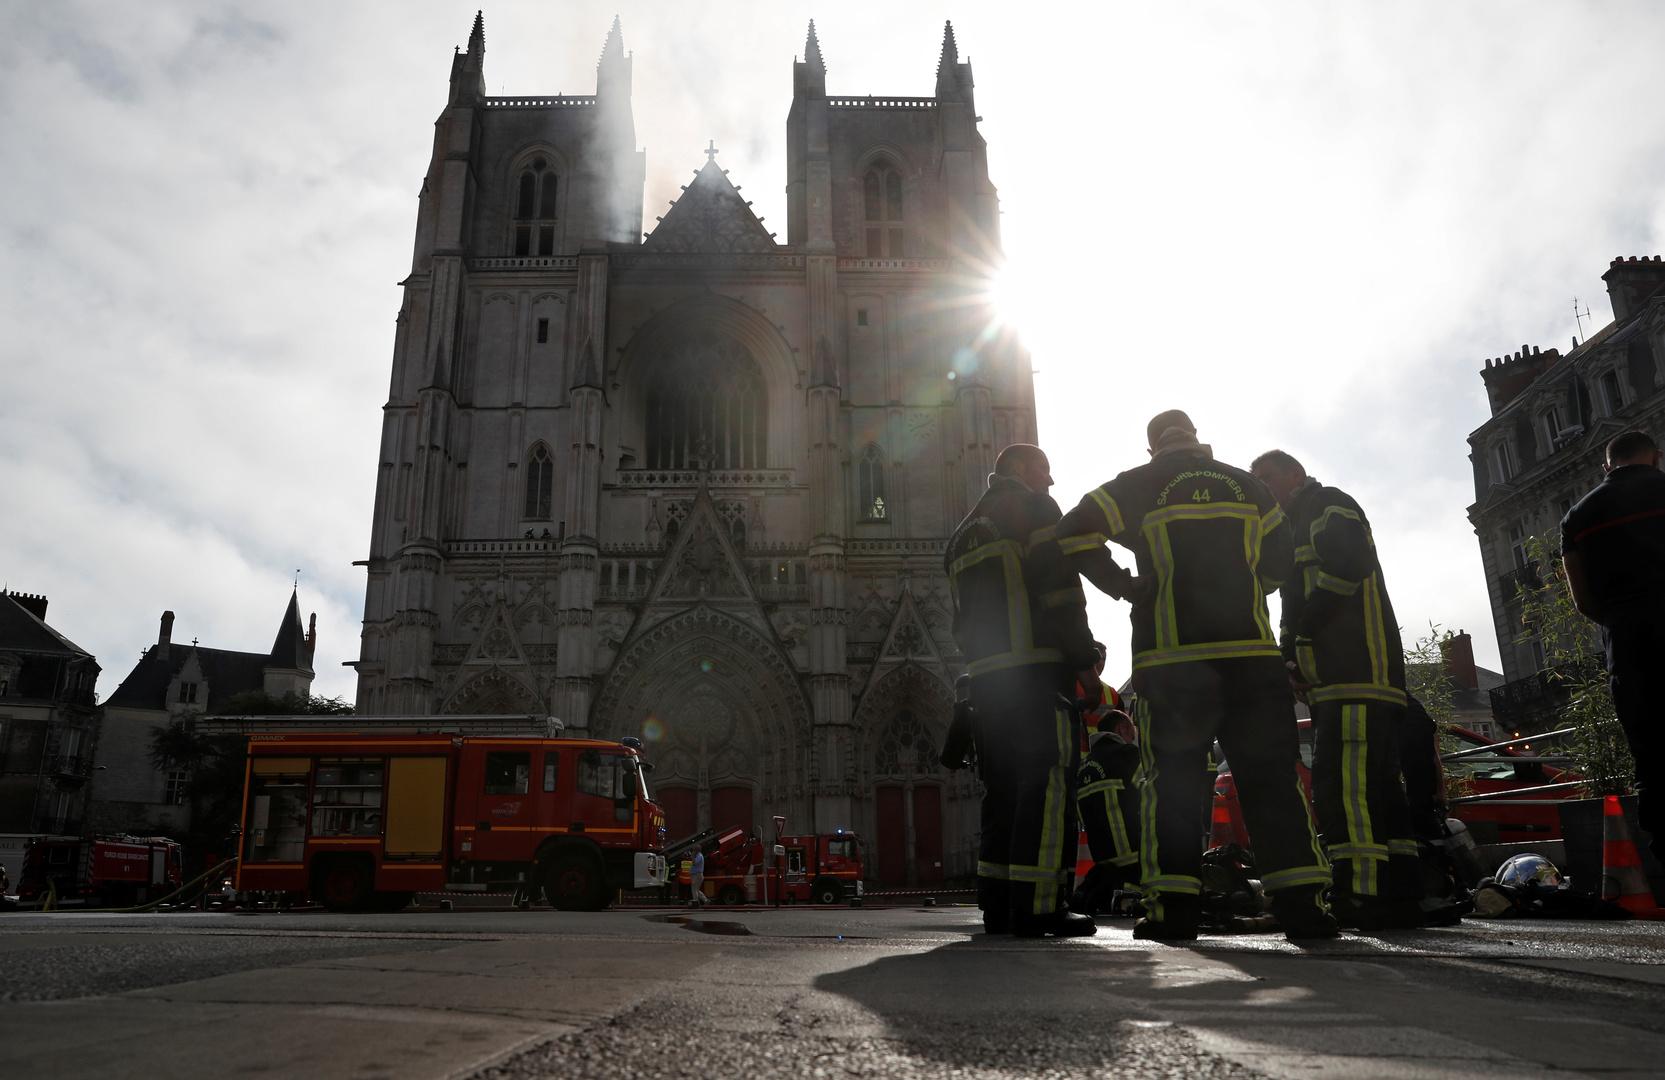 بالفيديو.. حريق داخل إحدى أكبر كنائس فرنسا والسلطات تشتبه بعمل إجرامي